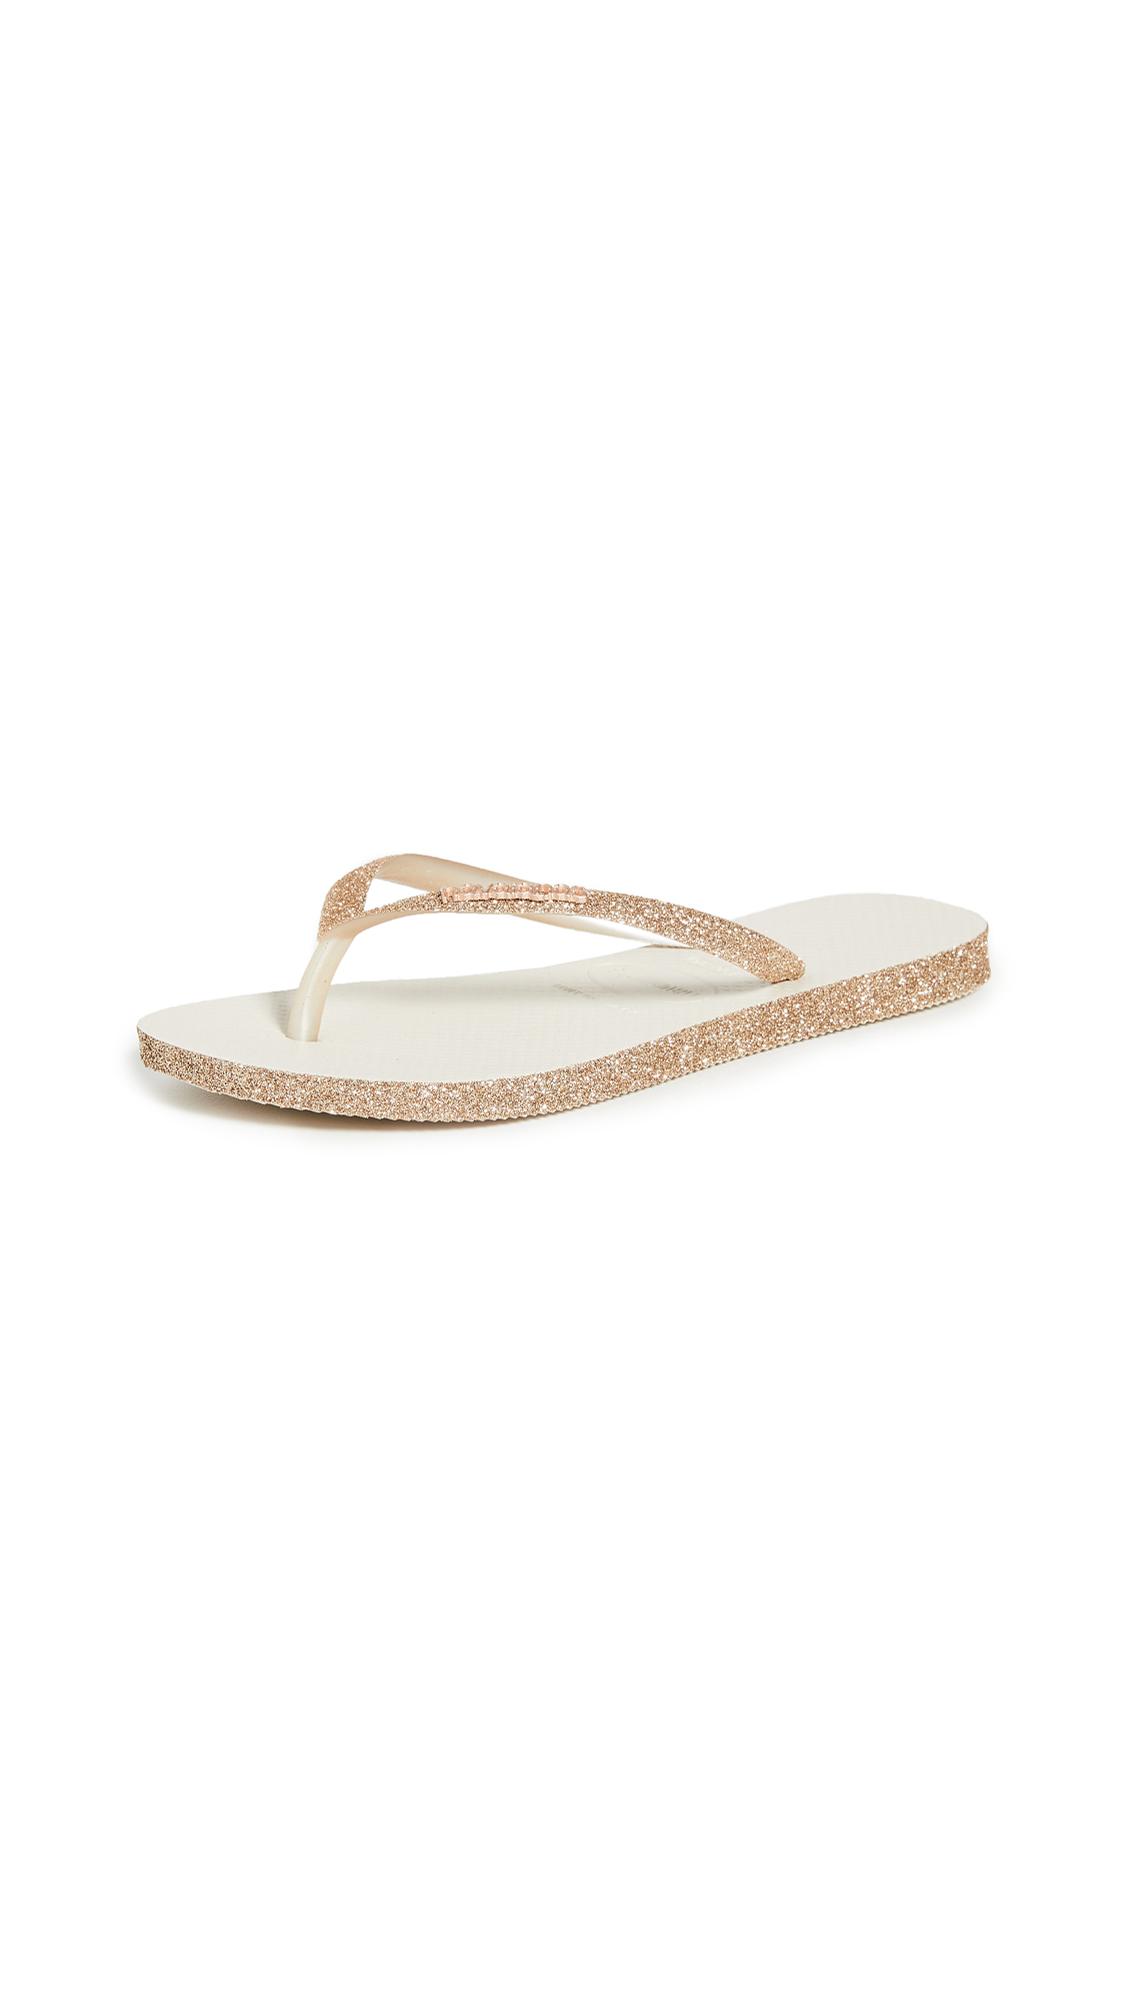 Buy Havaianas Slim Sparkle Flip Flops online, shop Havaianas